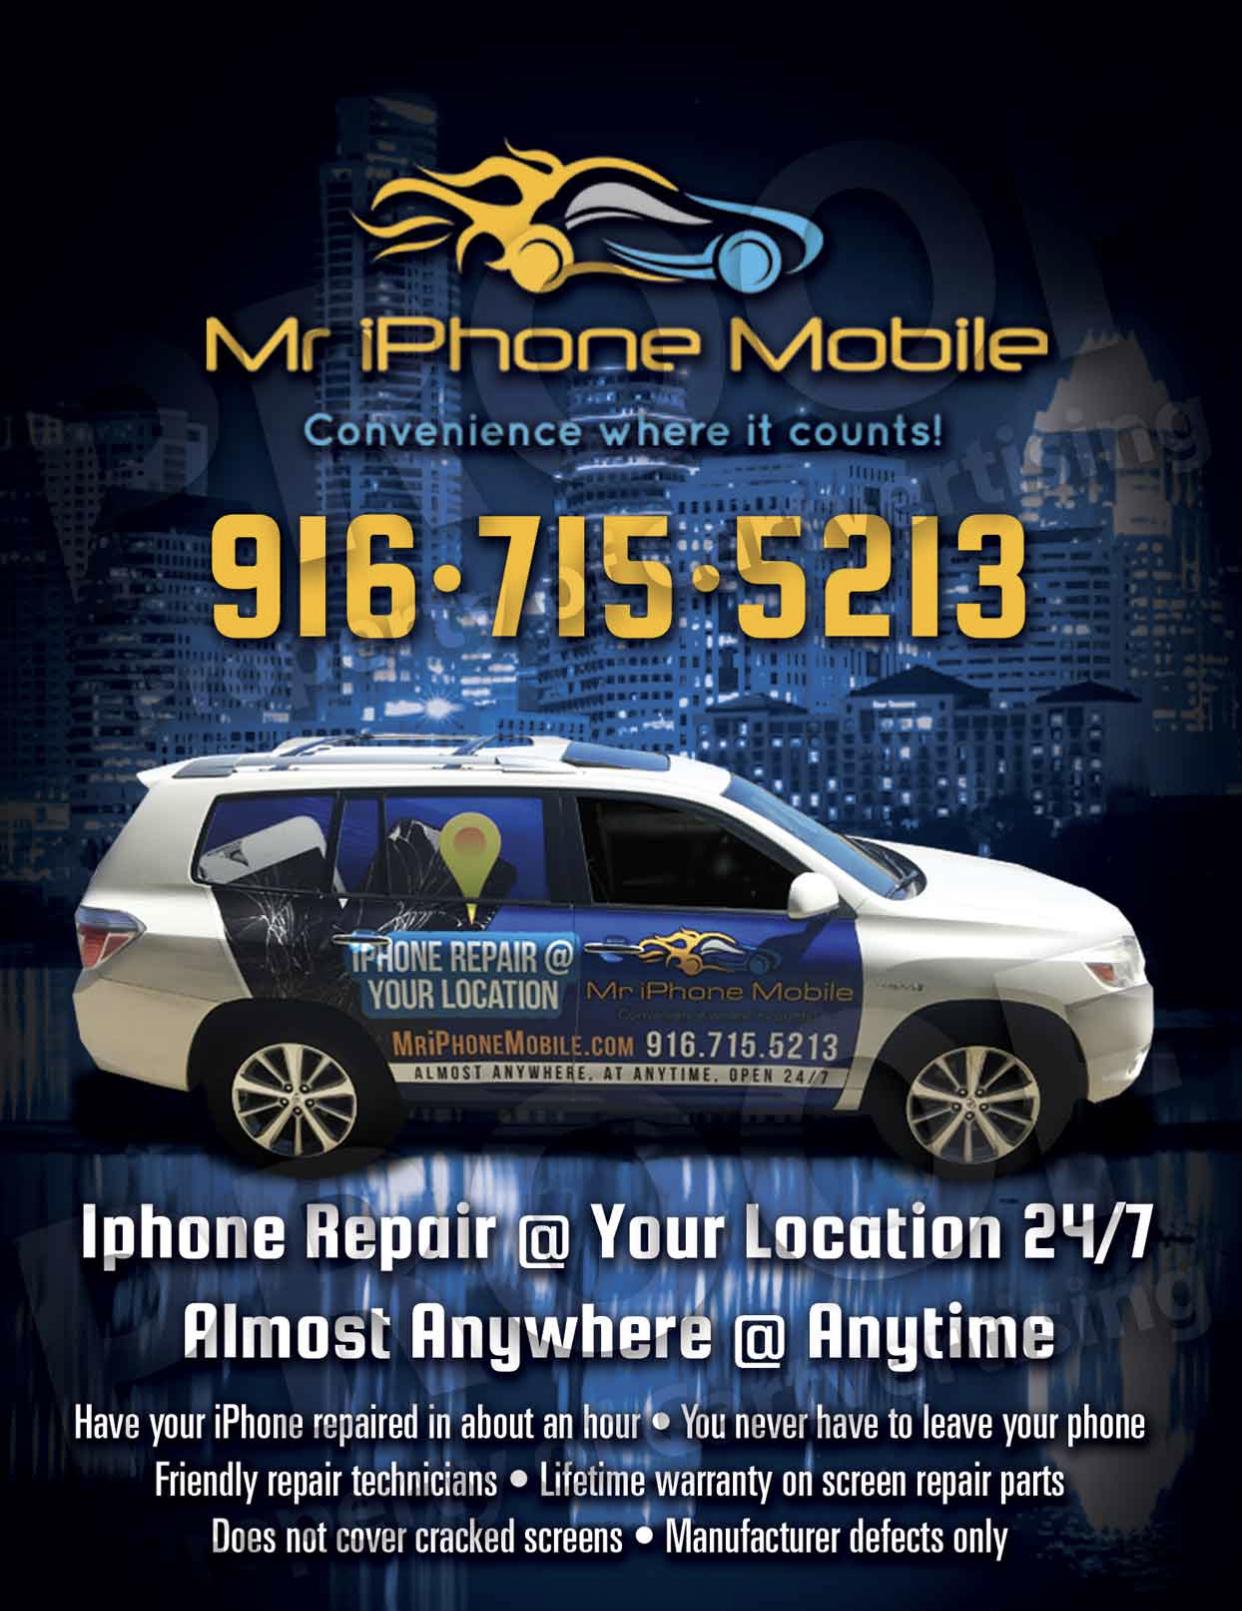 Mobile iPhone Repair SUV